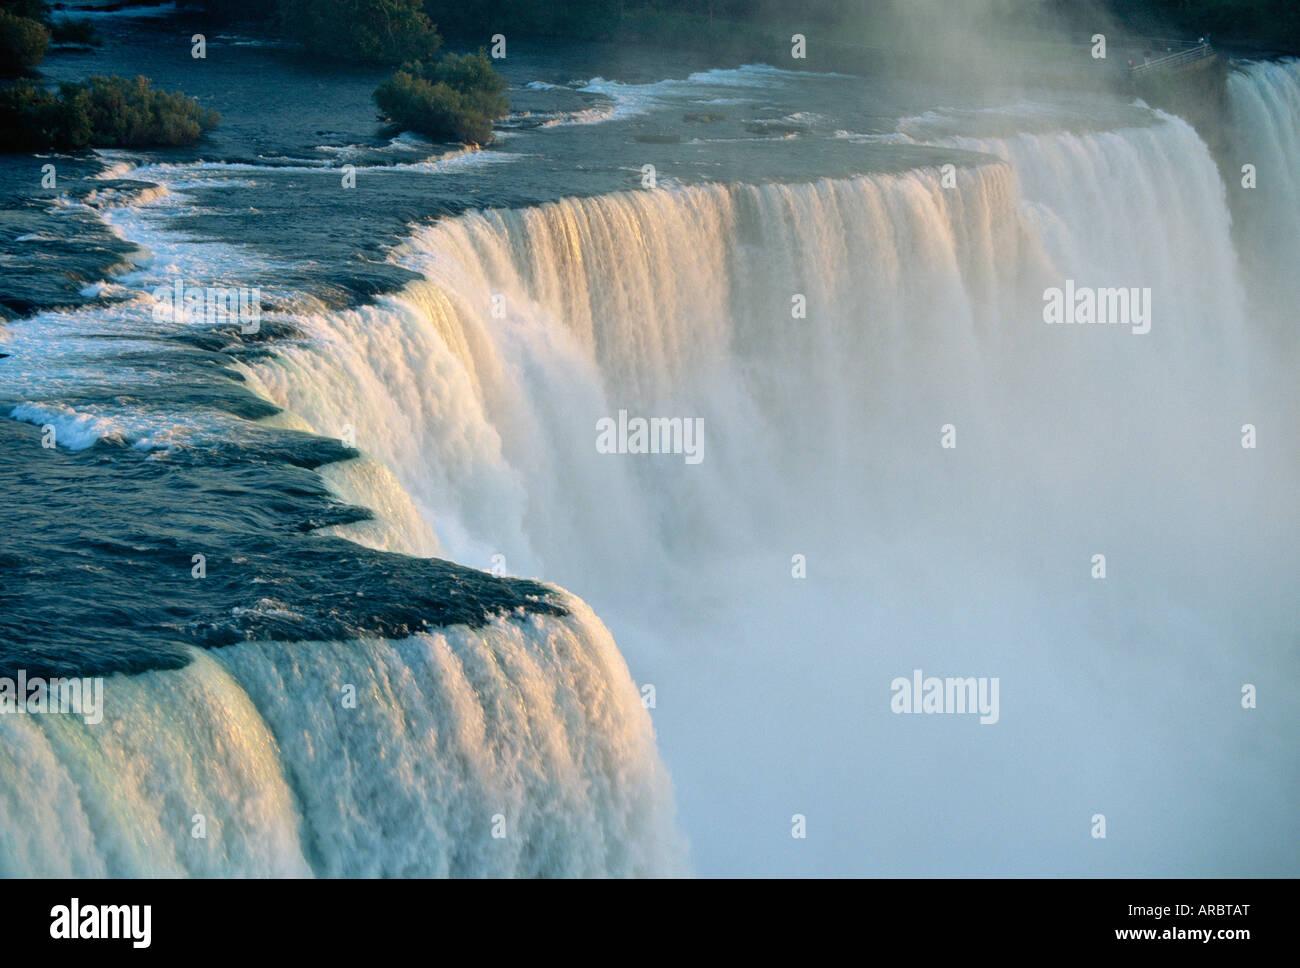 Die amerikanischen Wasserfälle an der Niagara Falls, New York State, USA Stockbild